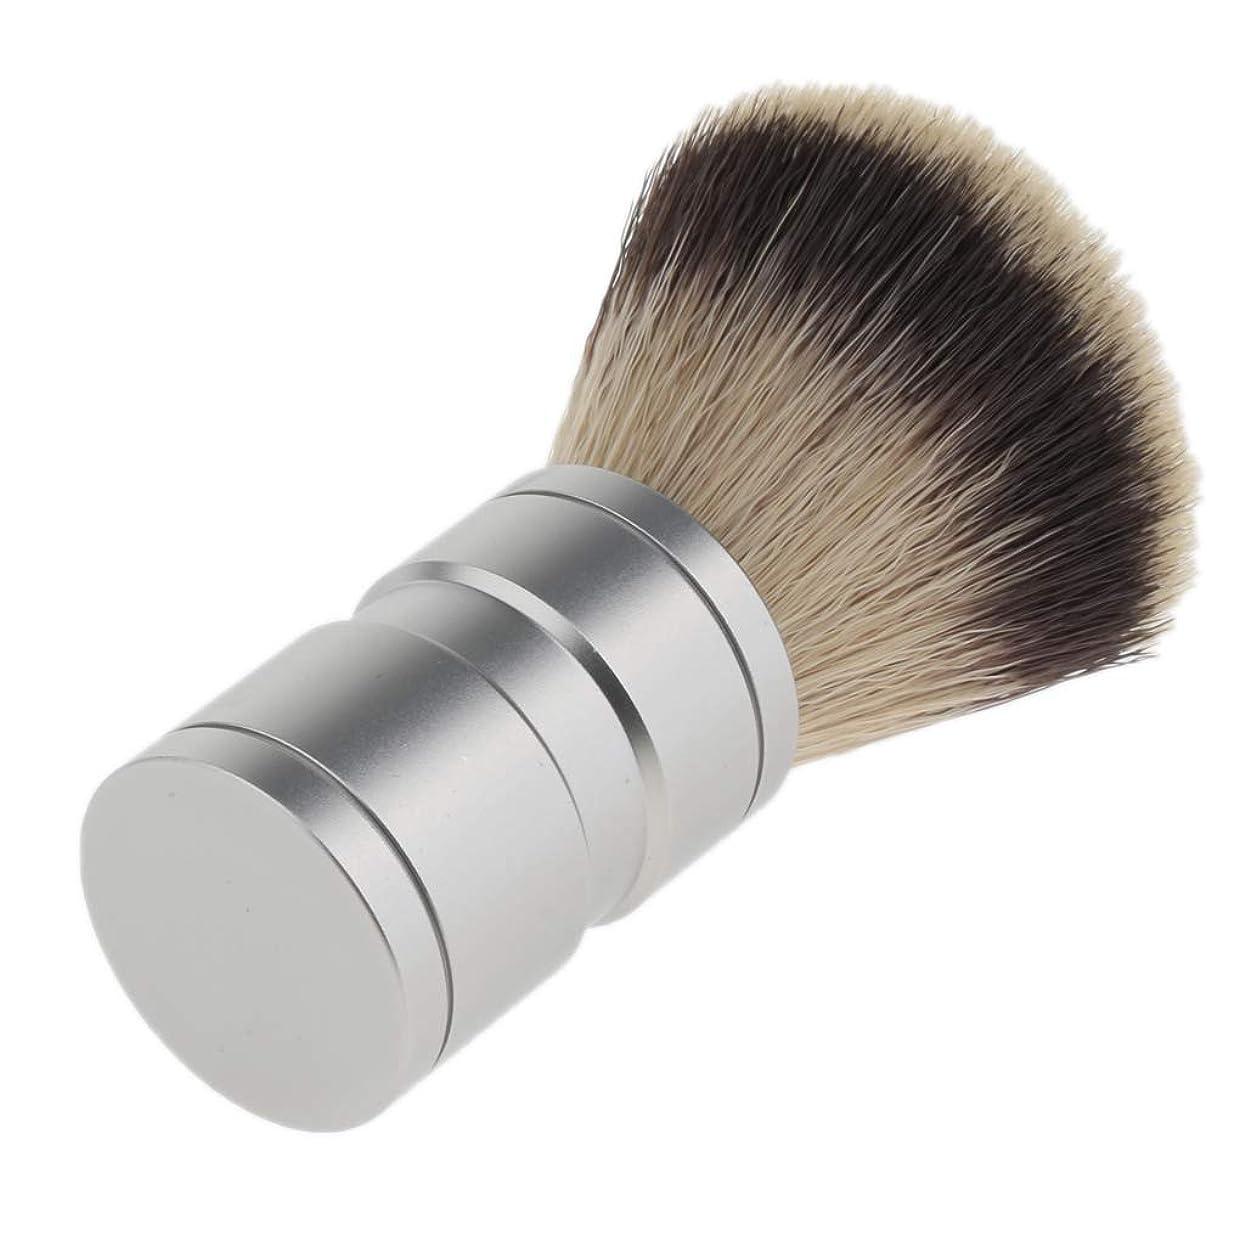 火作成するクリスチャンBaoblaze 髭剃りブラシ シェービングブラシ メンズ 理髪店 ヘアサロン メイクブラシ